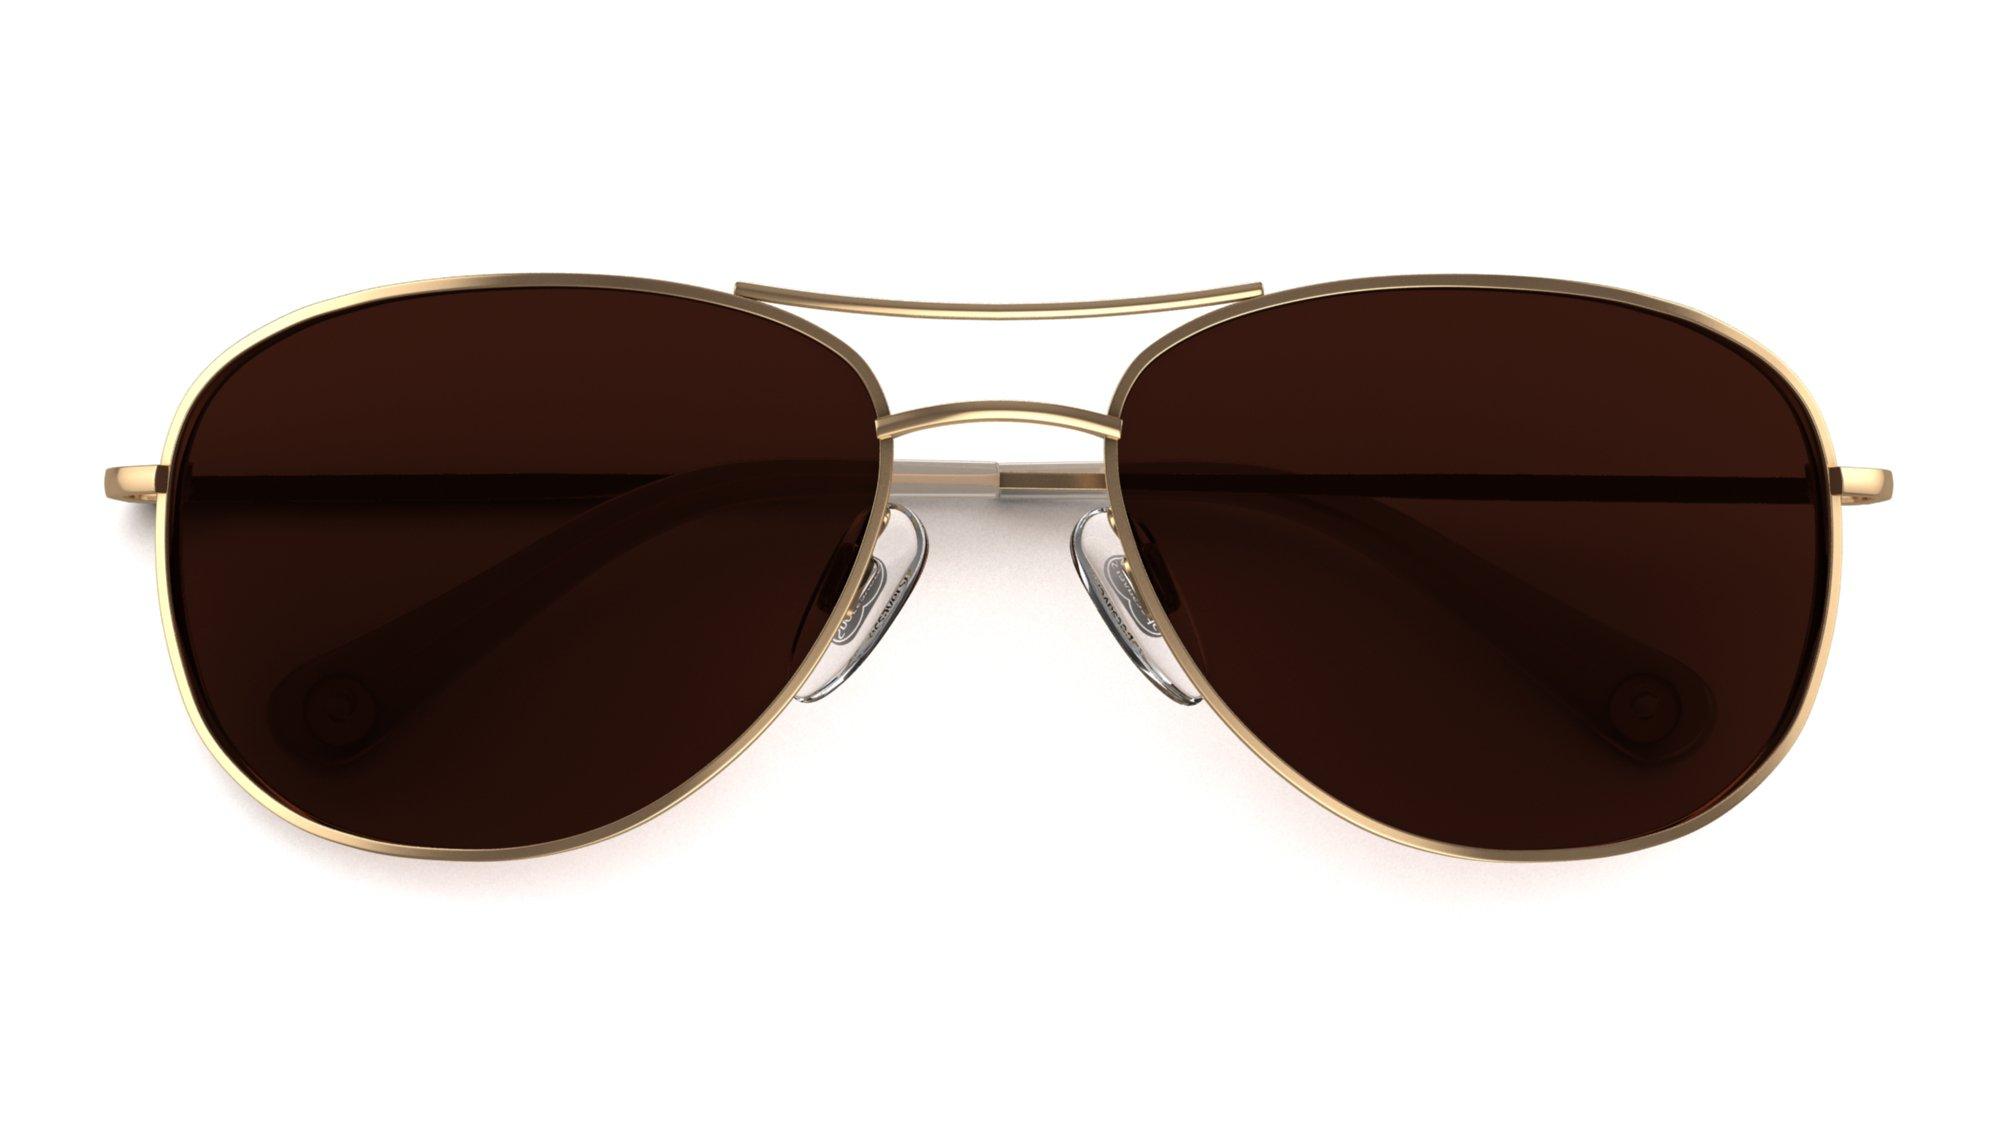 Hjerteformet ansikt, pilotbriller, solbrilletips Specsavers